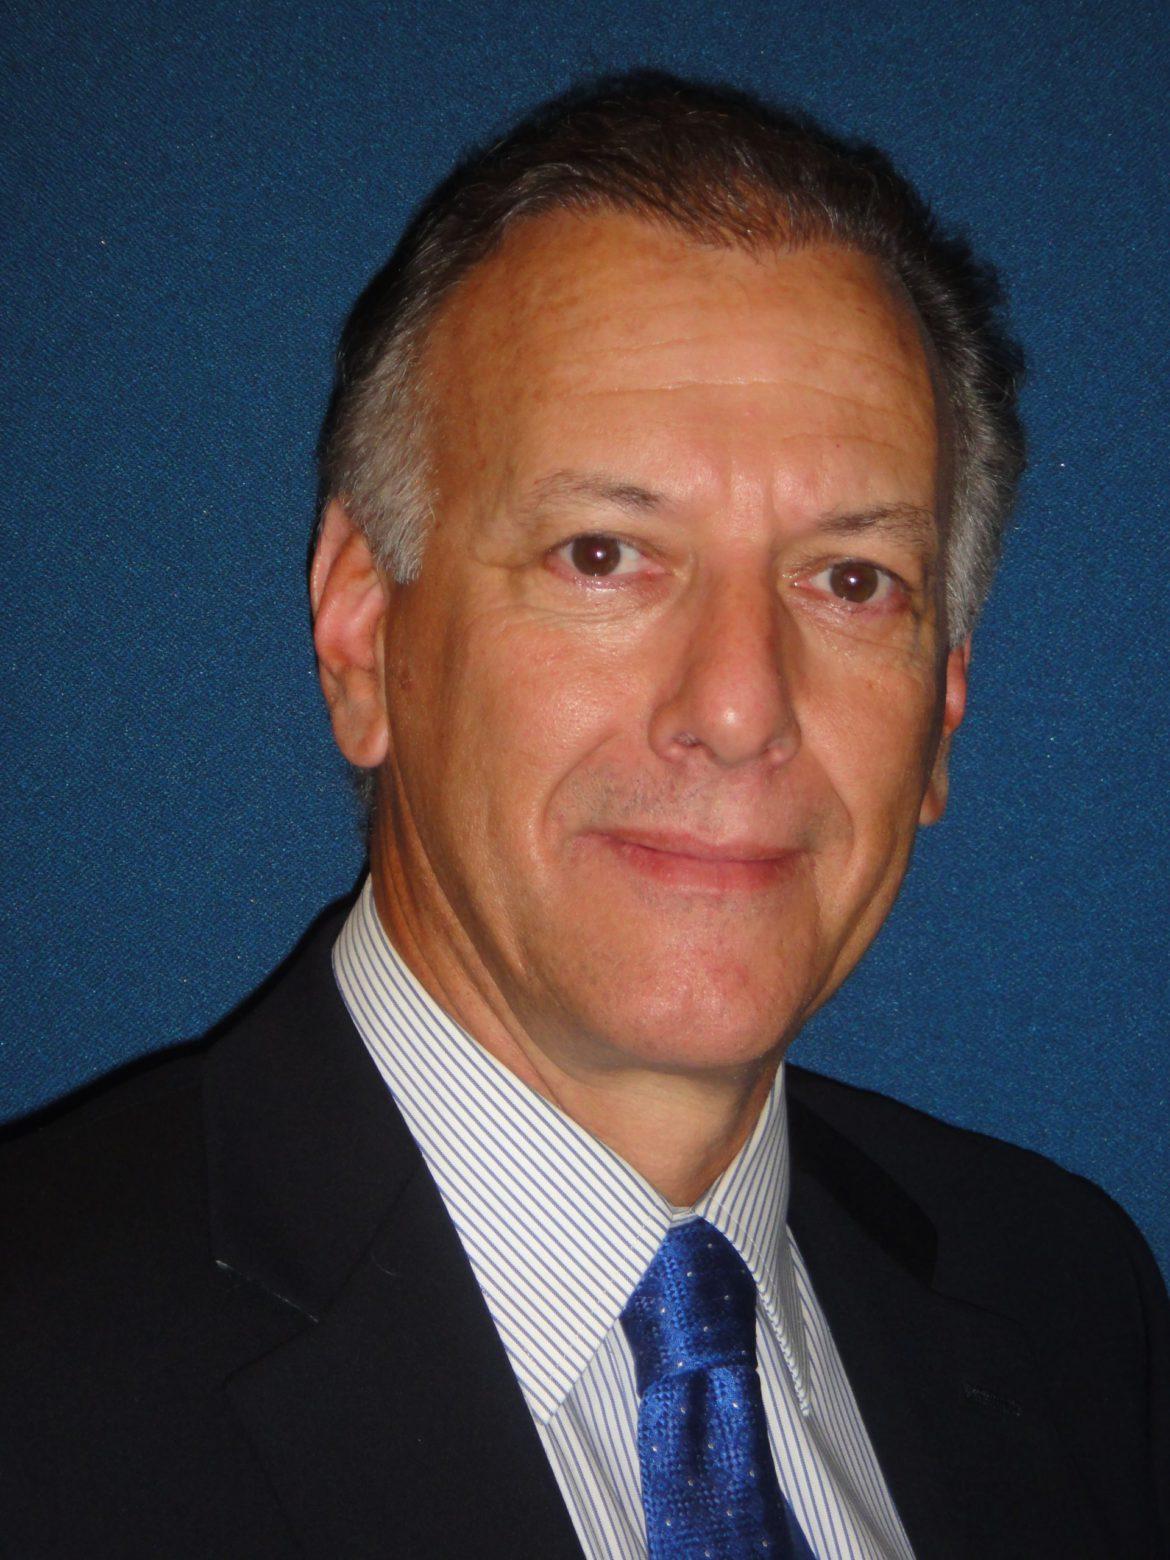 Aldo Stamm